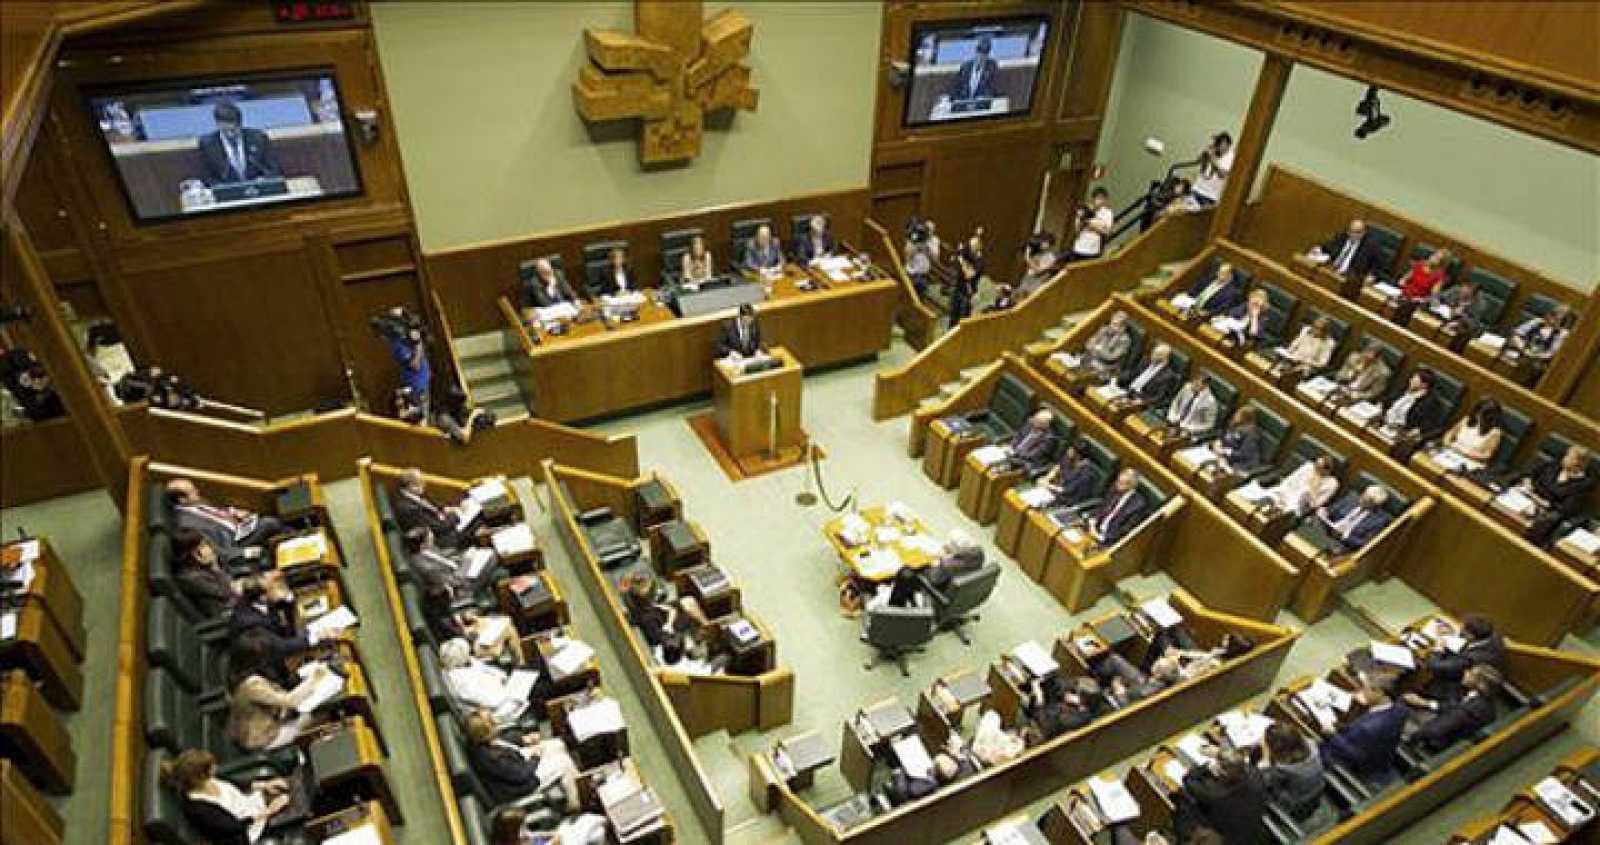 LAB: ÉXITO DE LA IZQUIERDA INDEPENDENTISTA VASCA EN LAS ELECCIONES DEL 21 DE OCTUBRE